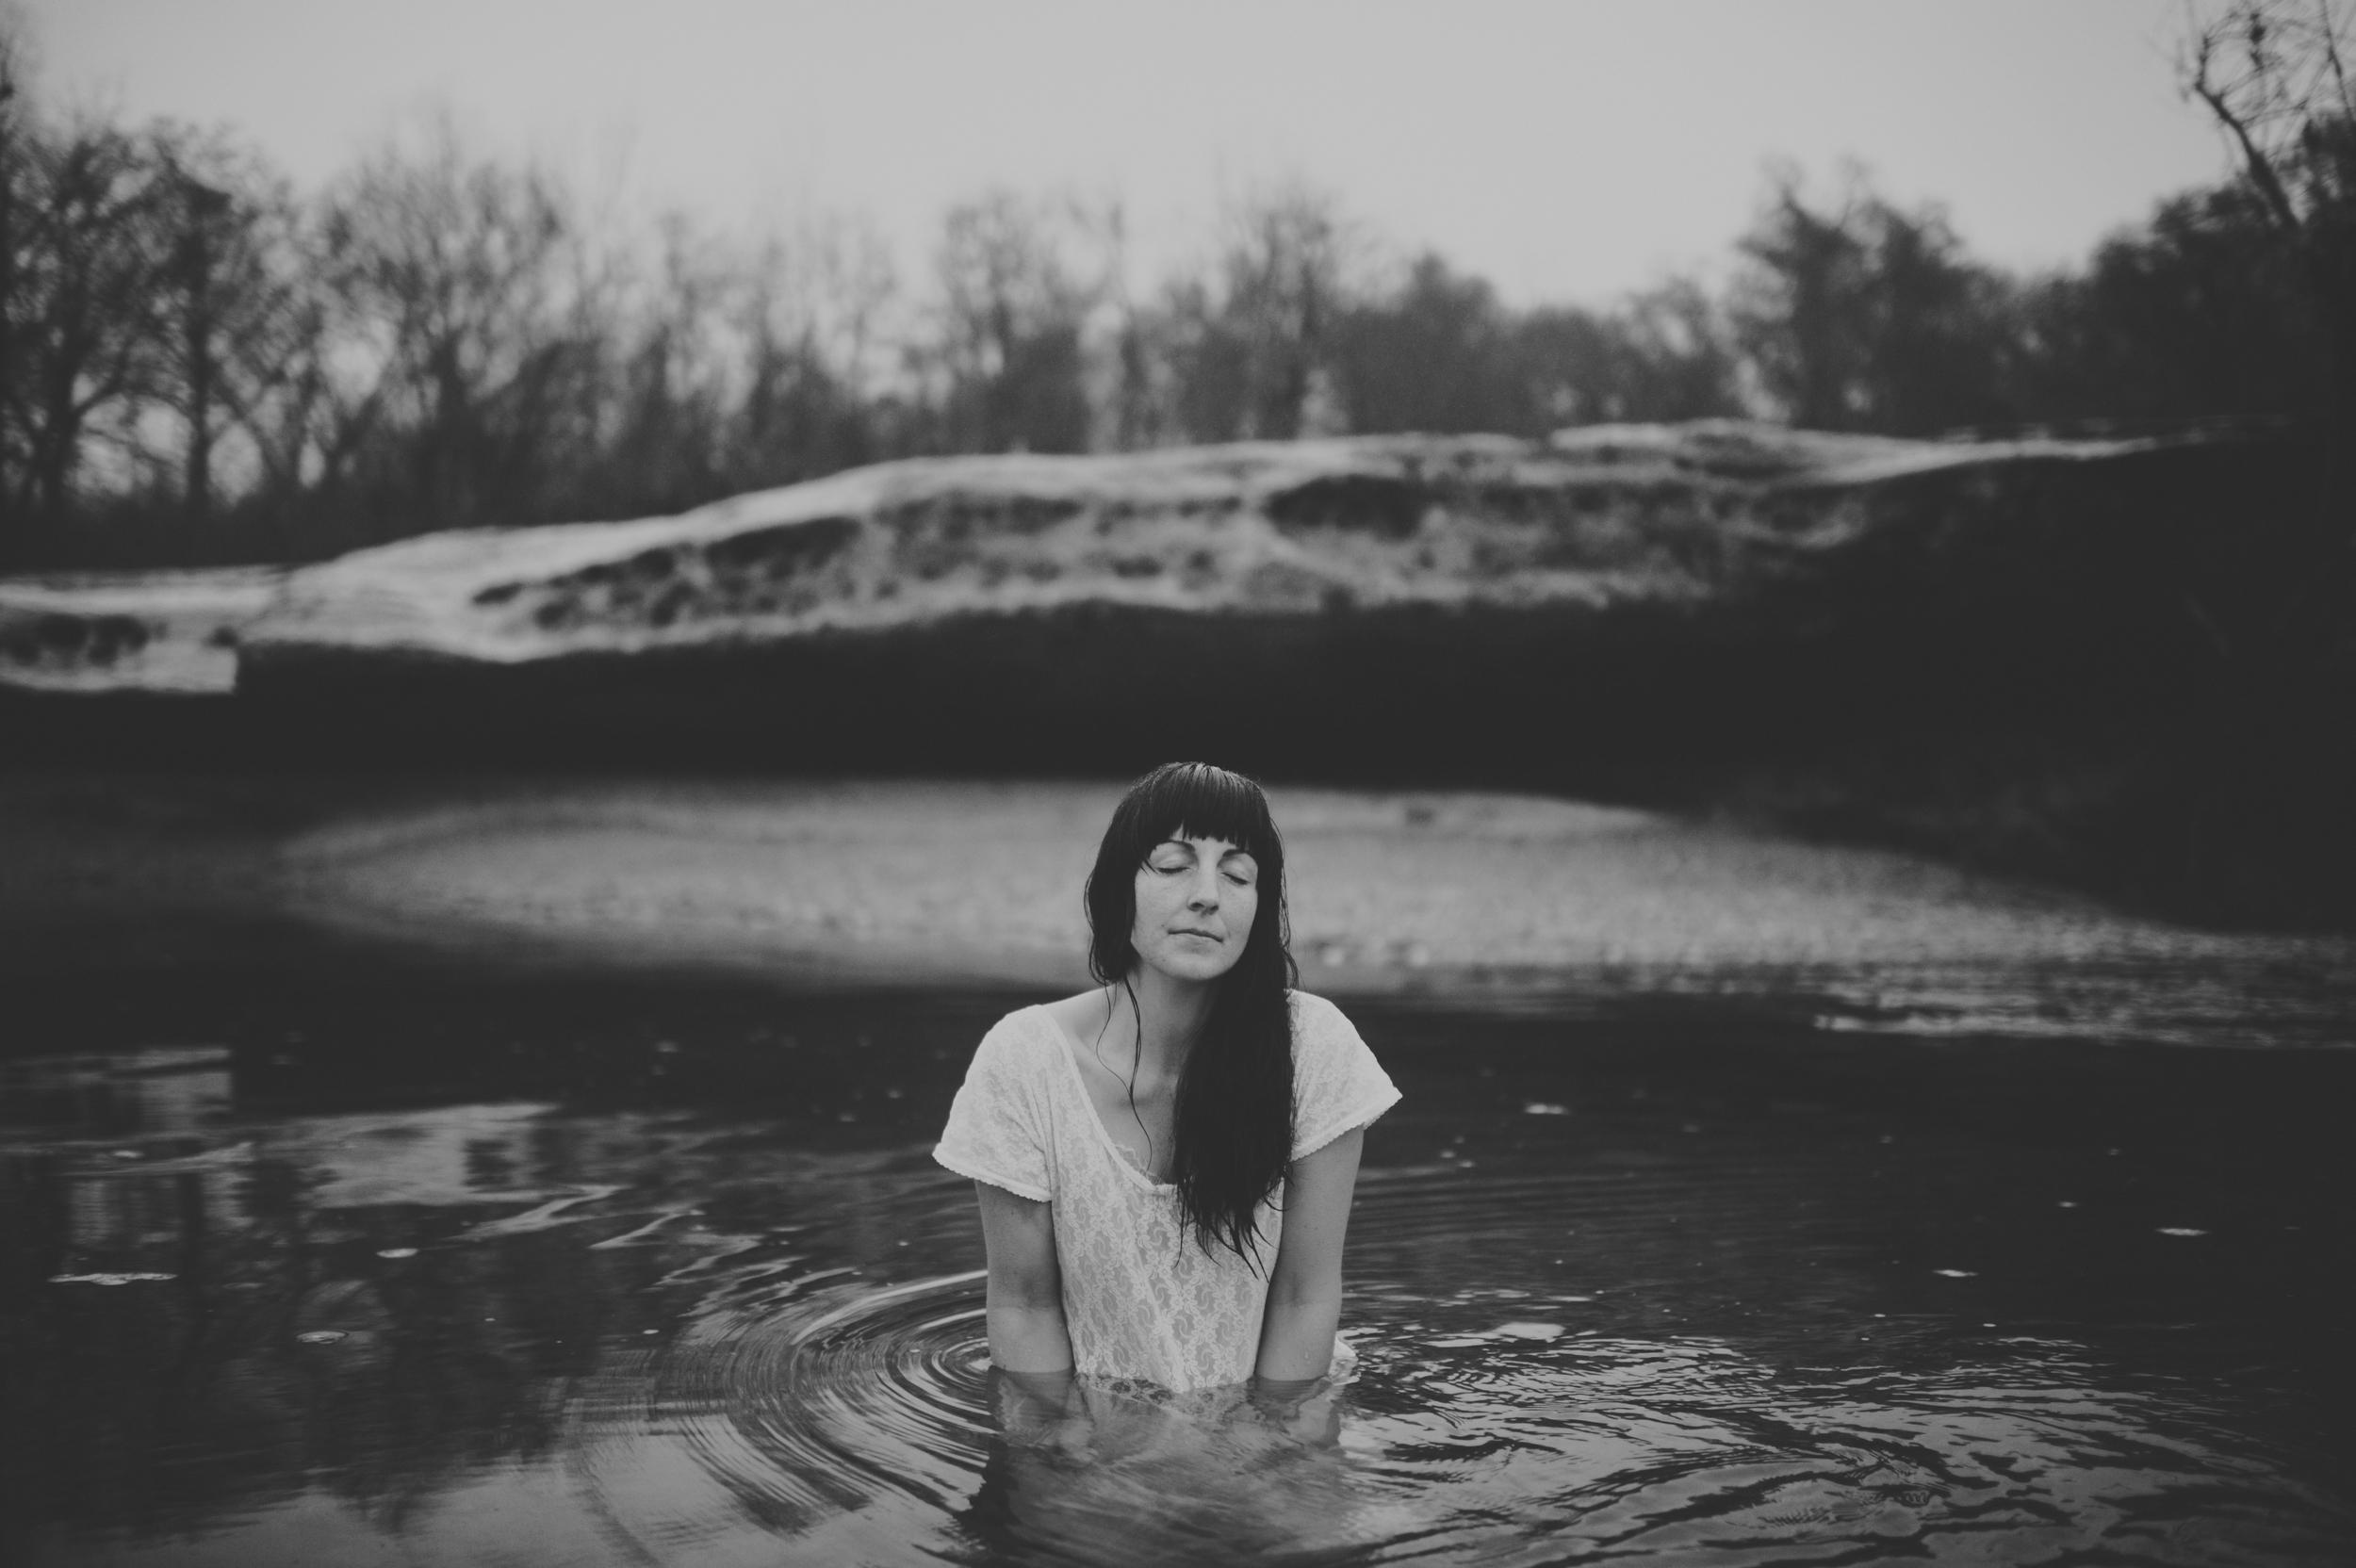 river-story-joy-gardella194.JPG